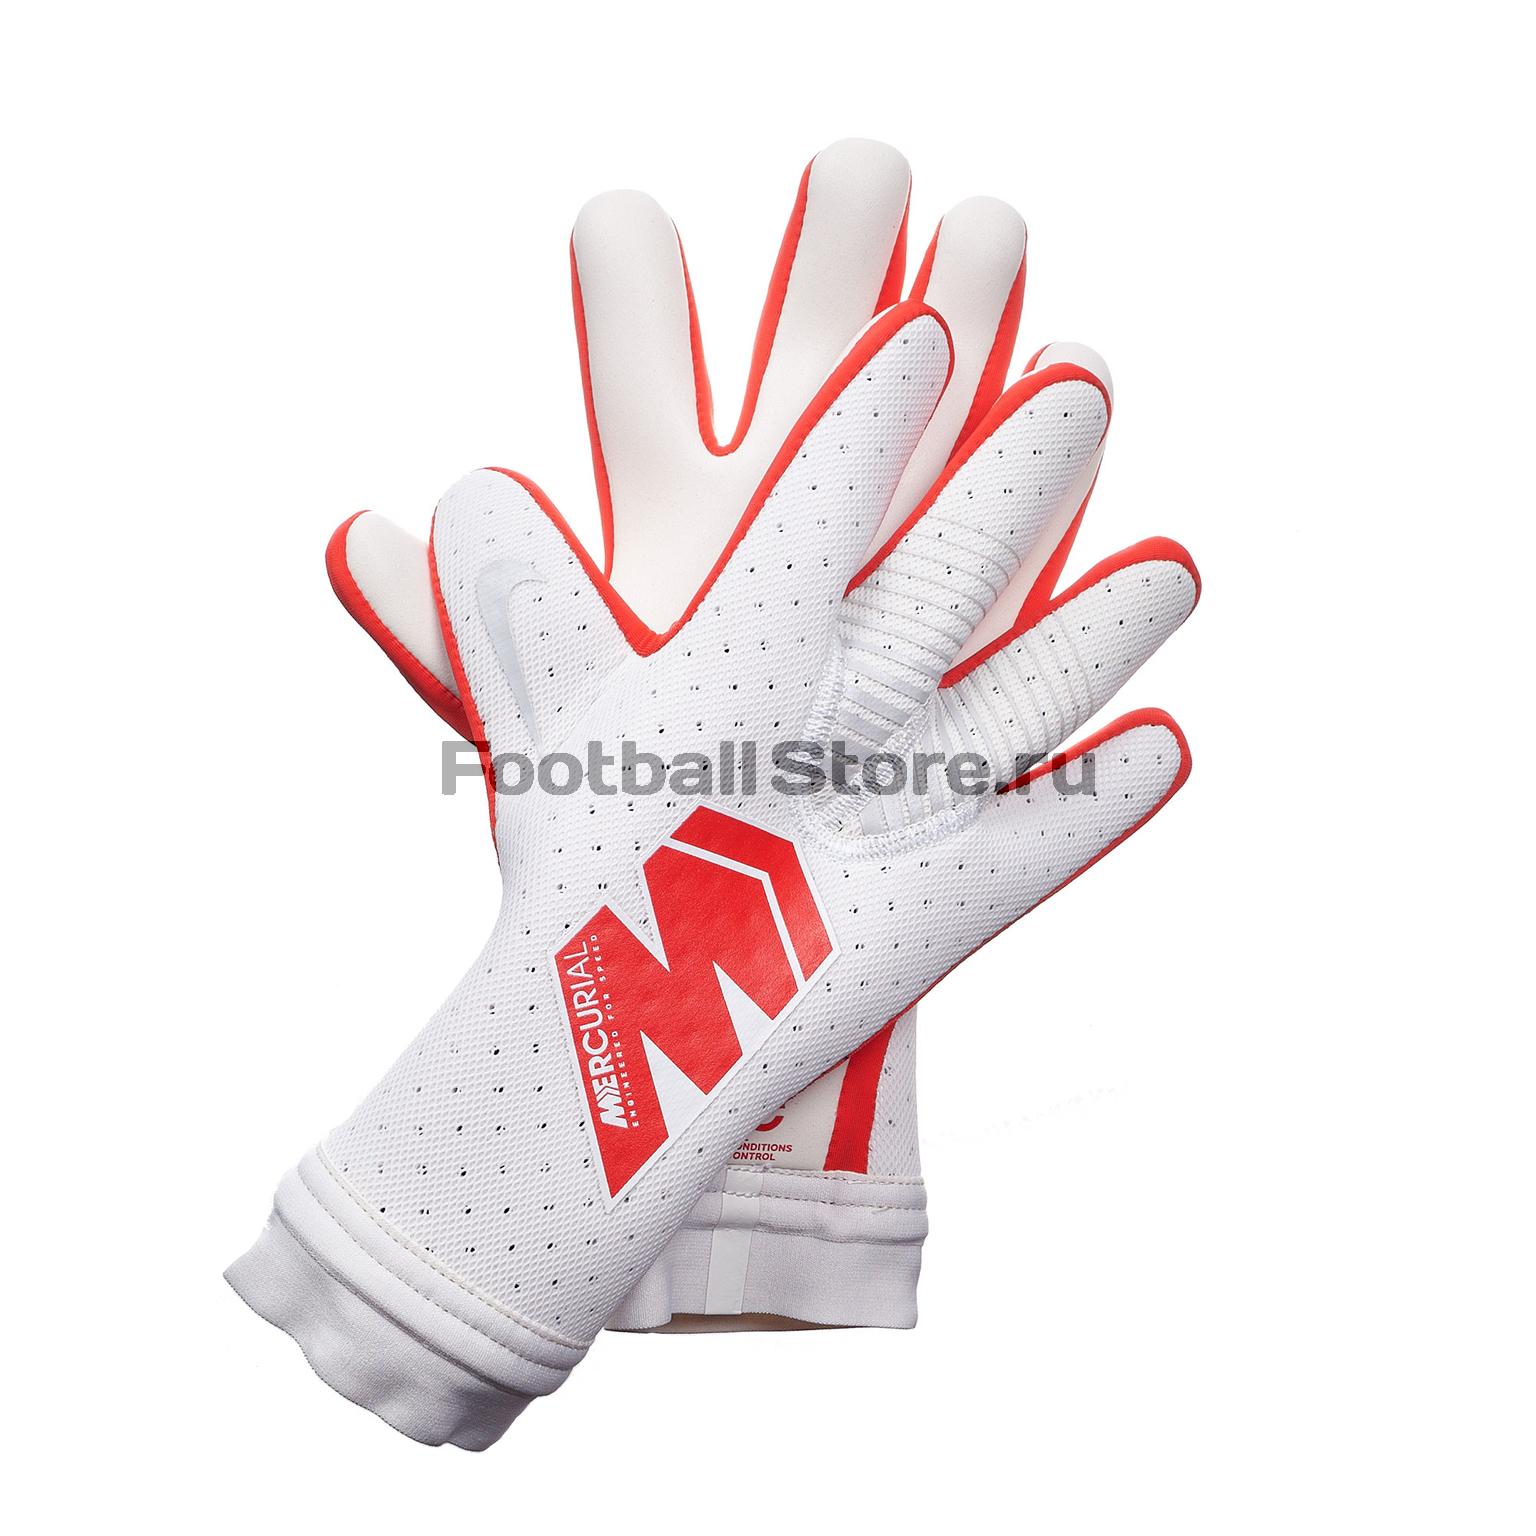 Перчатки вратарские Nike GK Mercurial Touch Elite GS0356-043 - купить в  интернет магазине Footballstore, цена, фото d0404b51a75